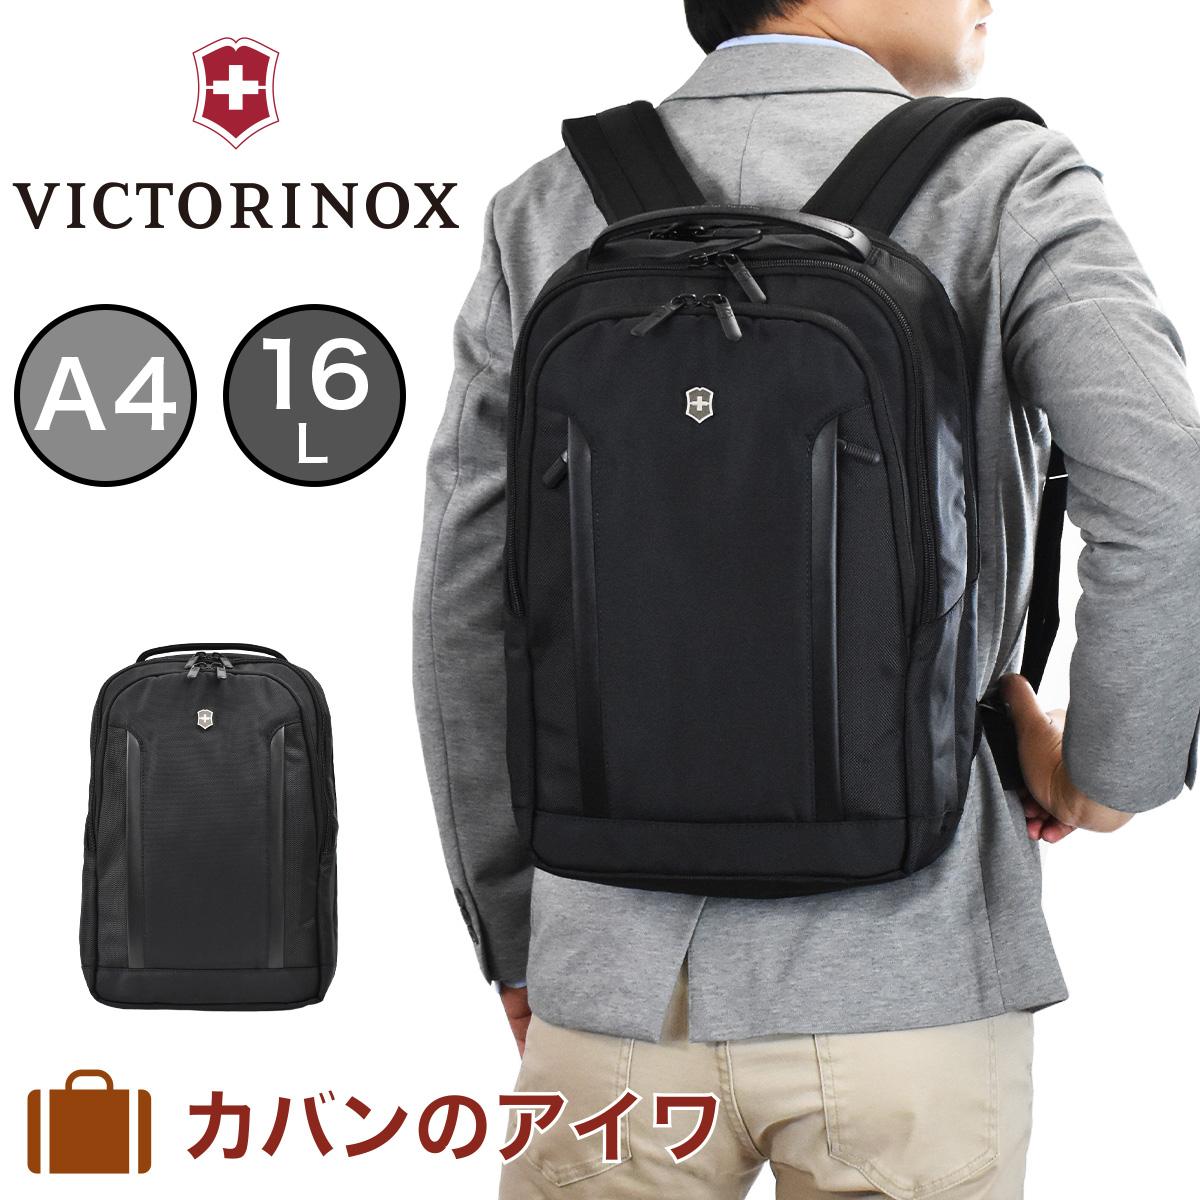 ビクトリノックス ビジネスバッグ リュック VICTORINOX ビジネスリュック 602151 A4 16L アルトモント コンパクト ラップトップ | メンズ レディース リュックサック バックパック ビジネス ビジネスバック バッグ ブランド 人気 通勤